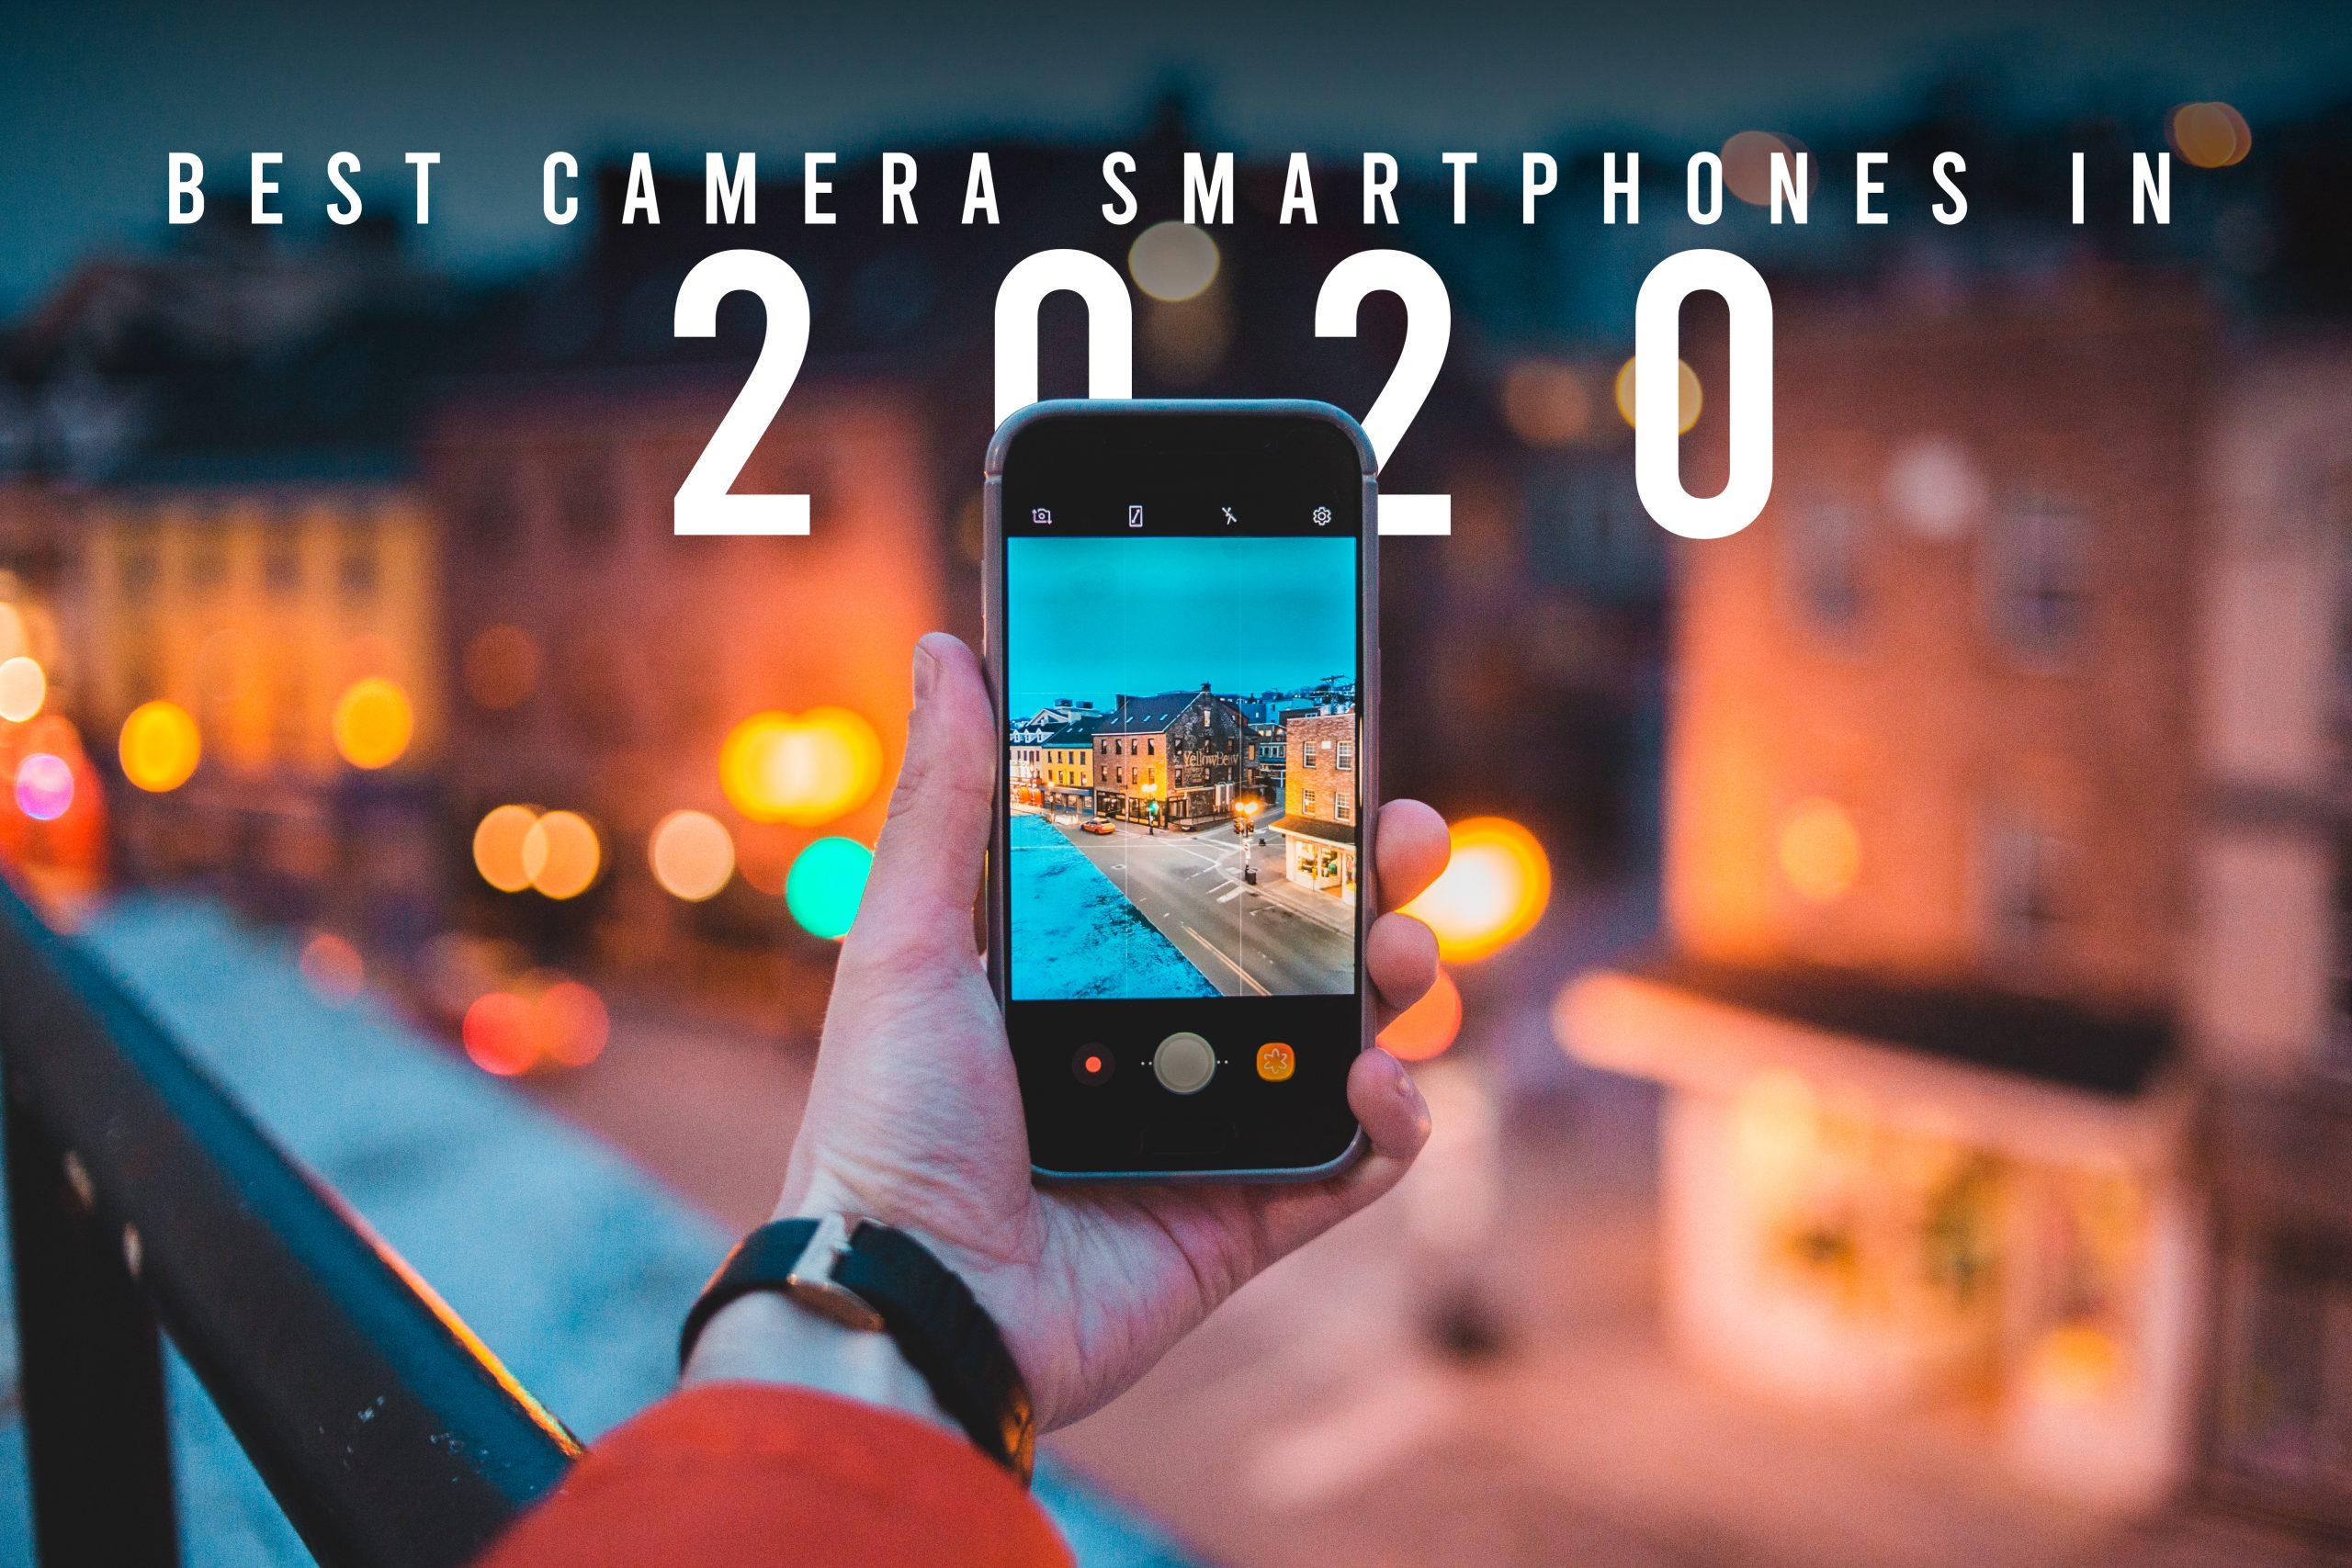 Best Camera Smartphones in 2020